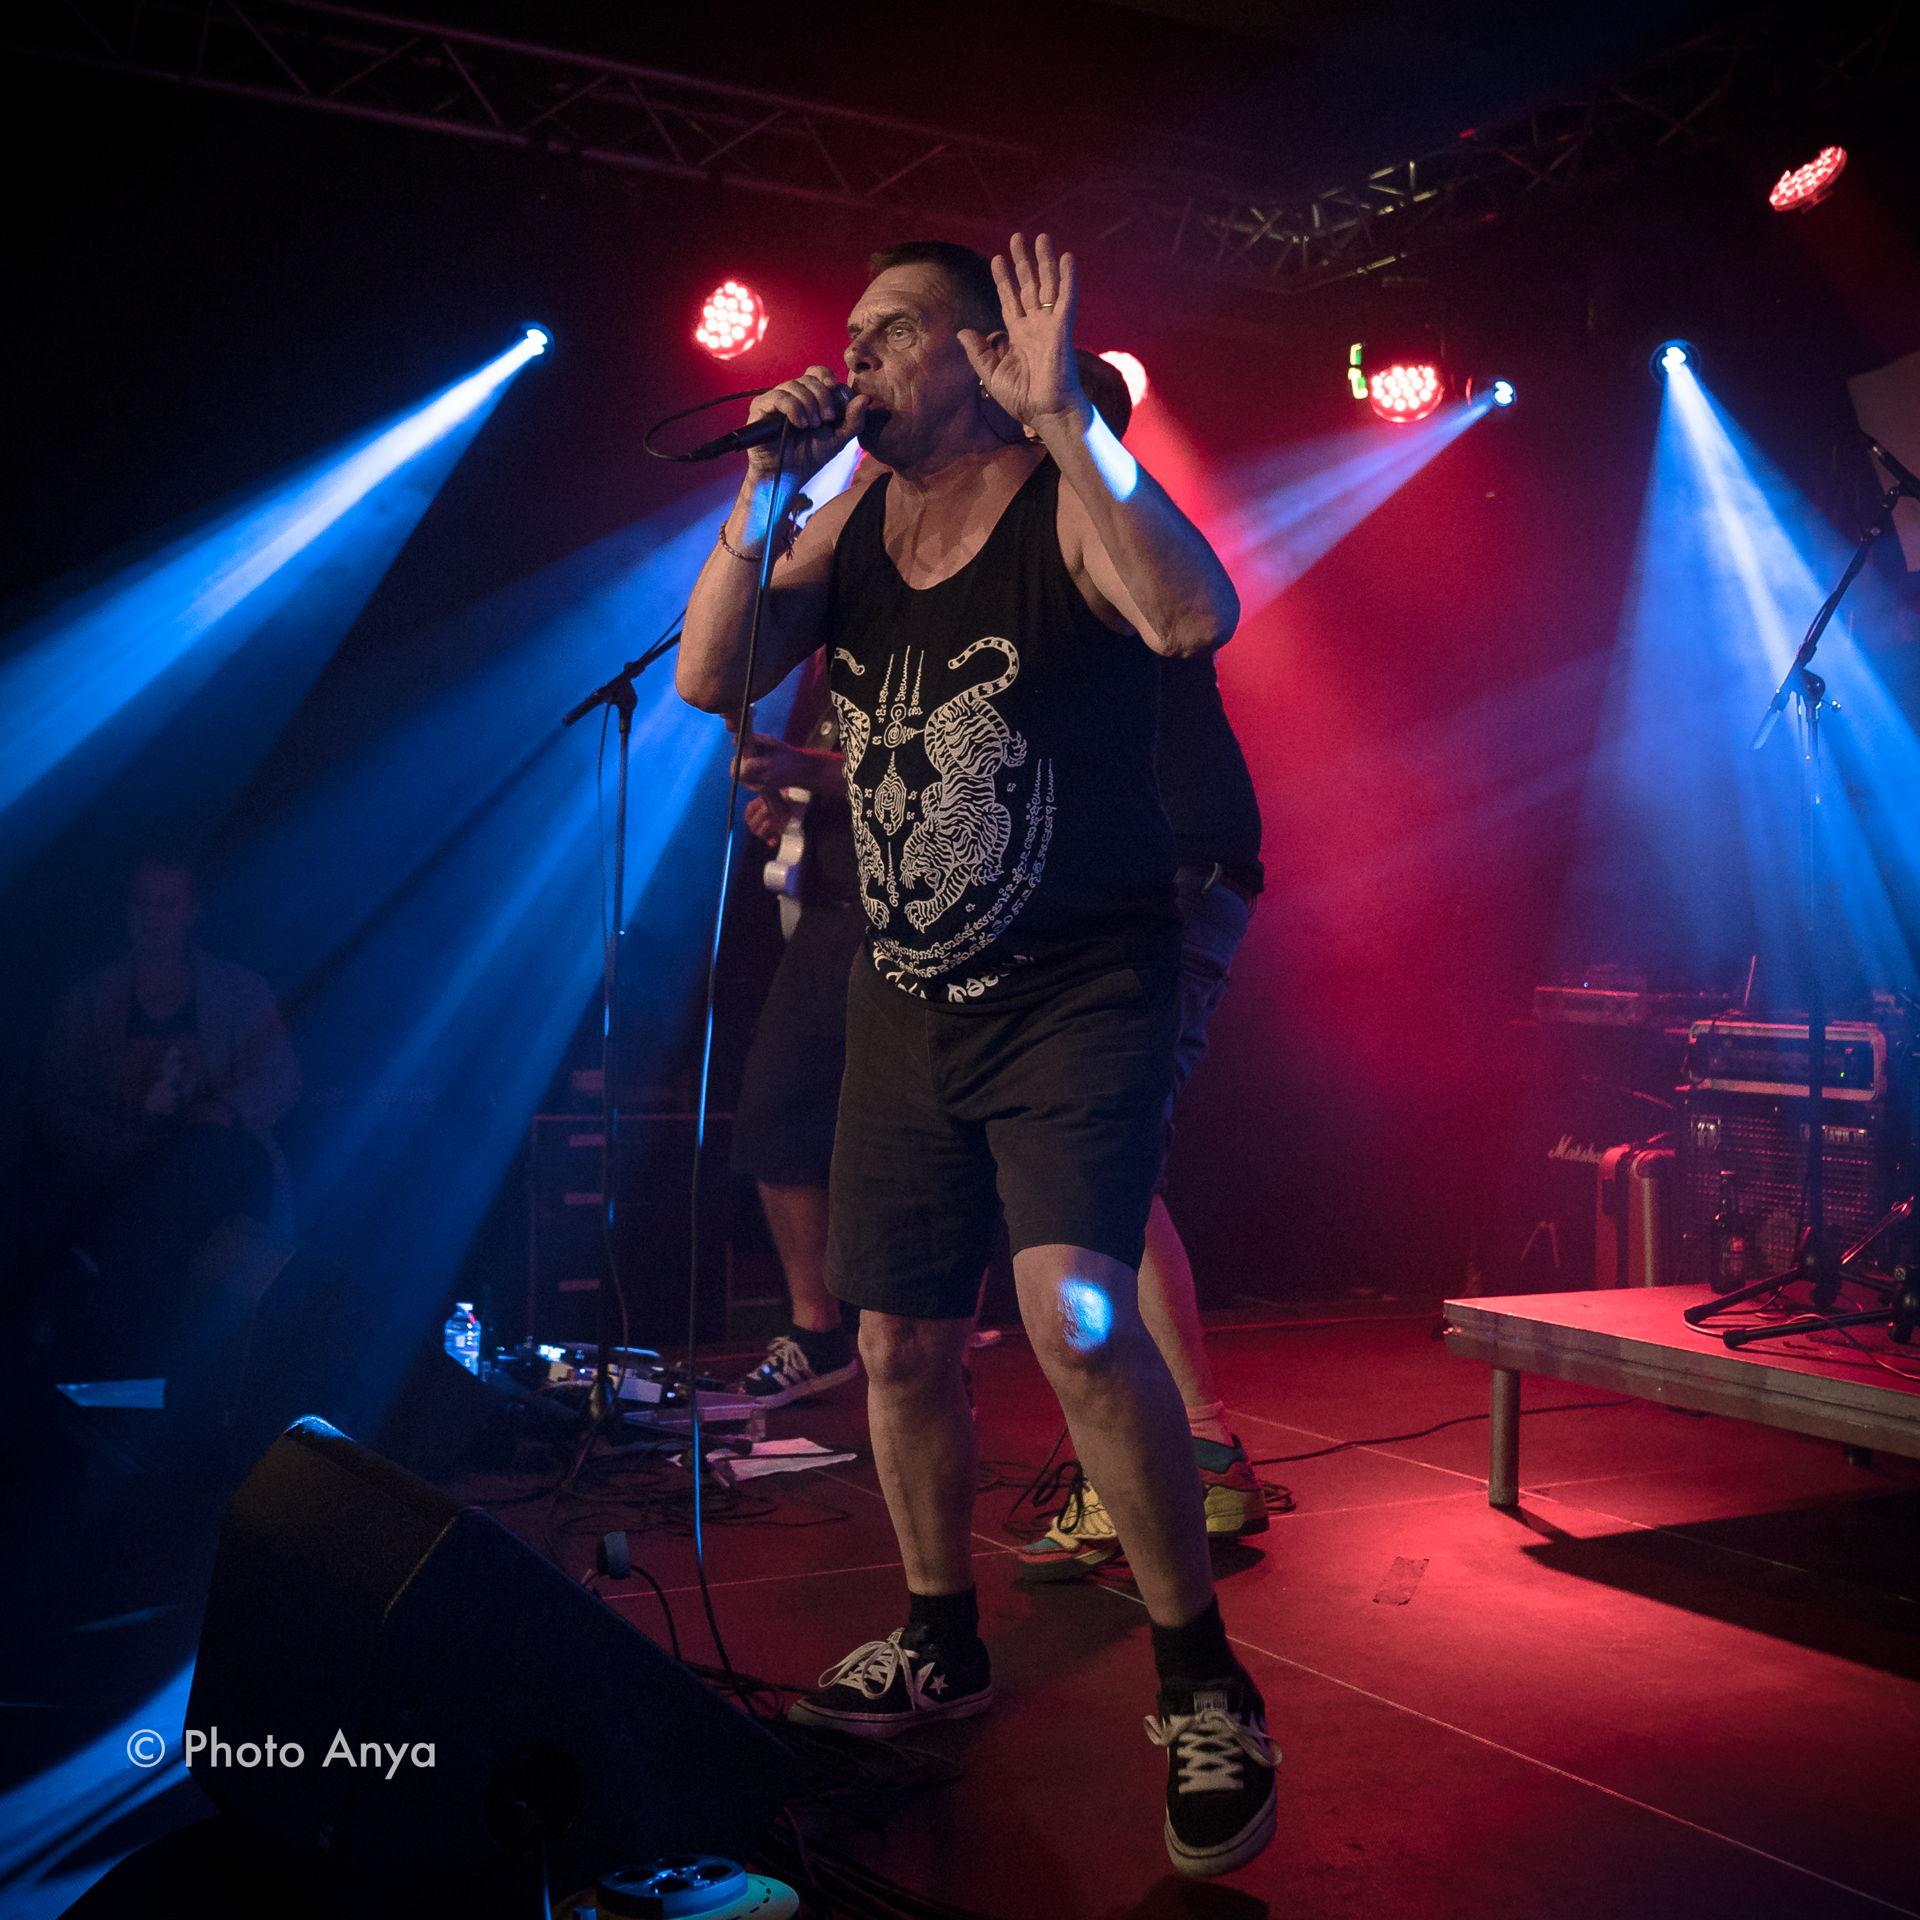 Photo Anya fotografeerde het optreden van Mark Foggo op 26 oktober 2019 in Het Podium